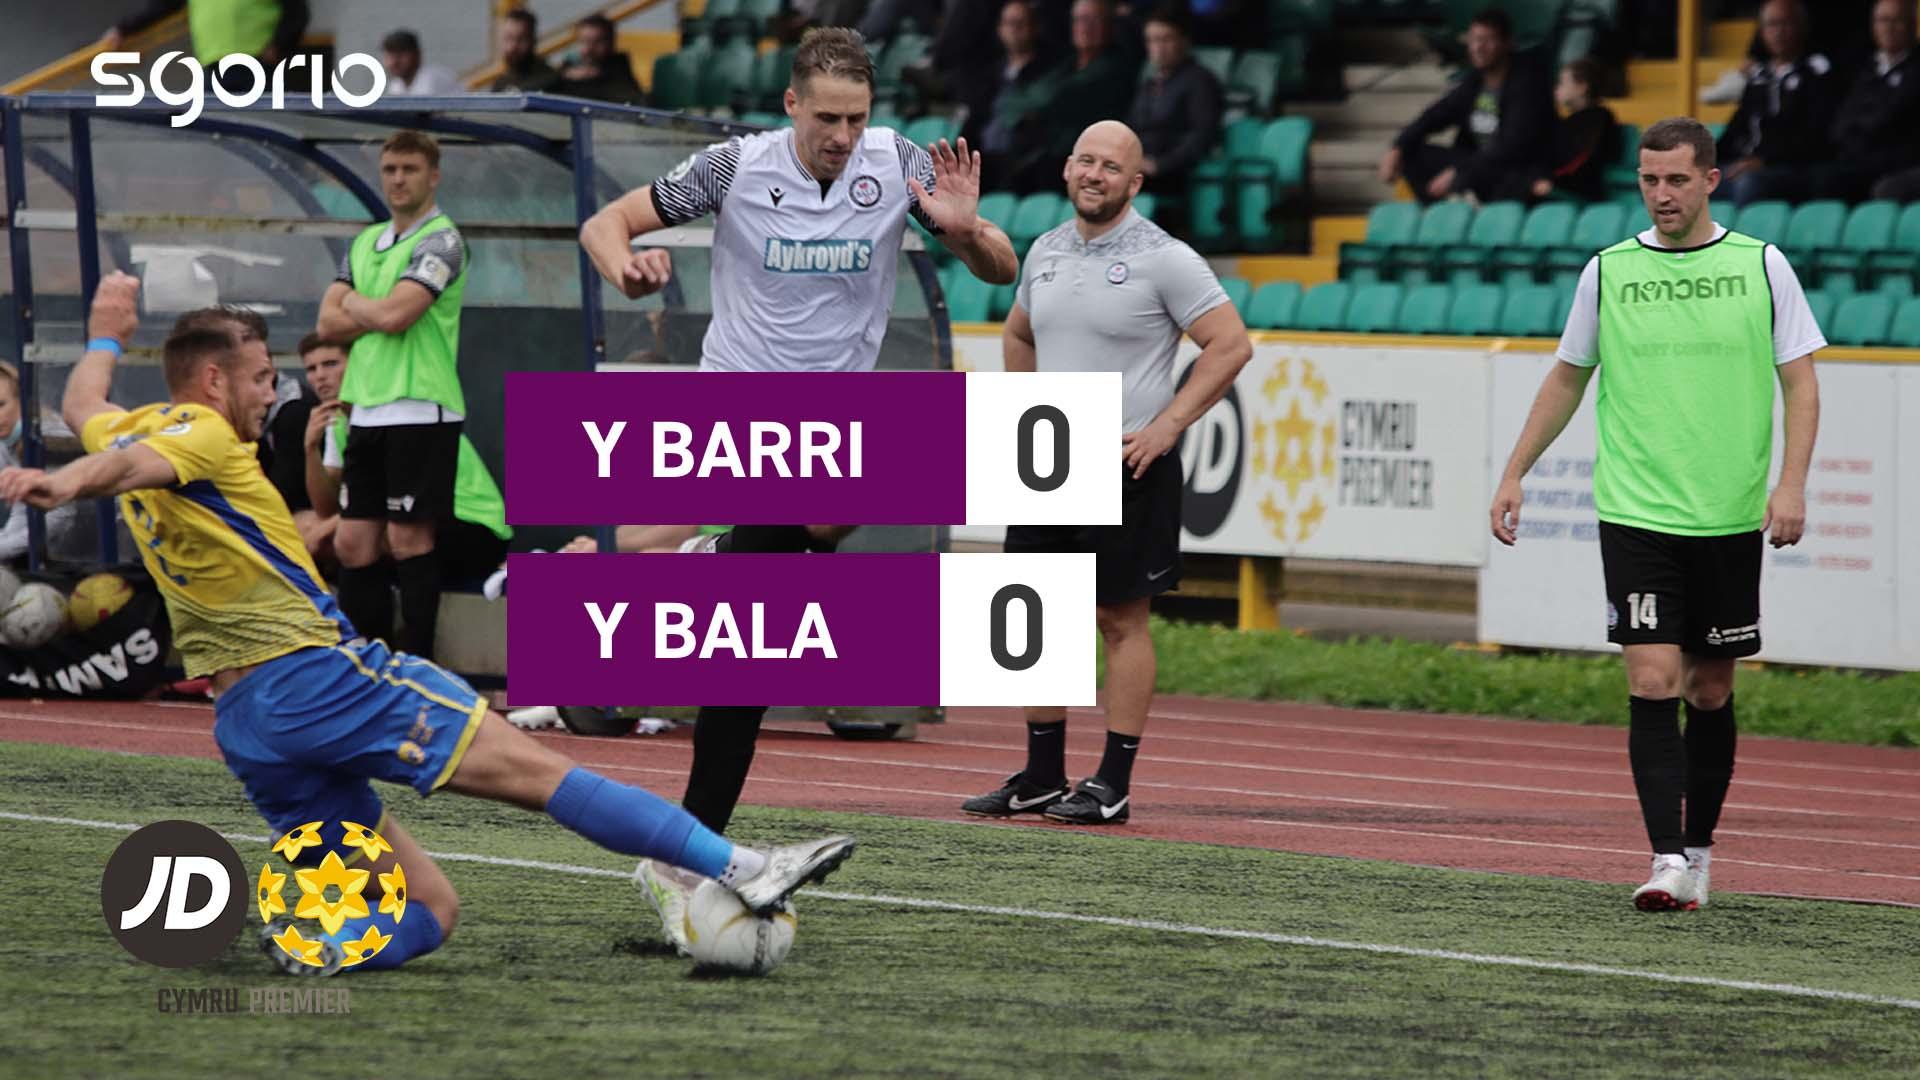 Y Barri 0-0 Y Bala